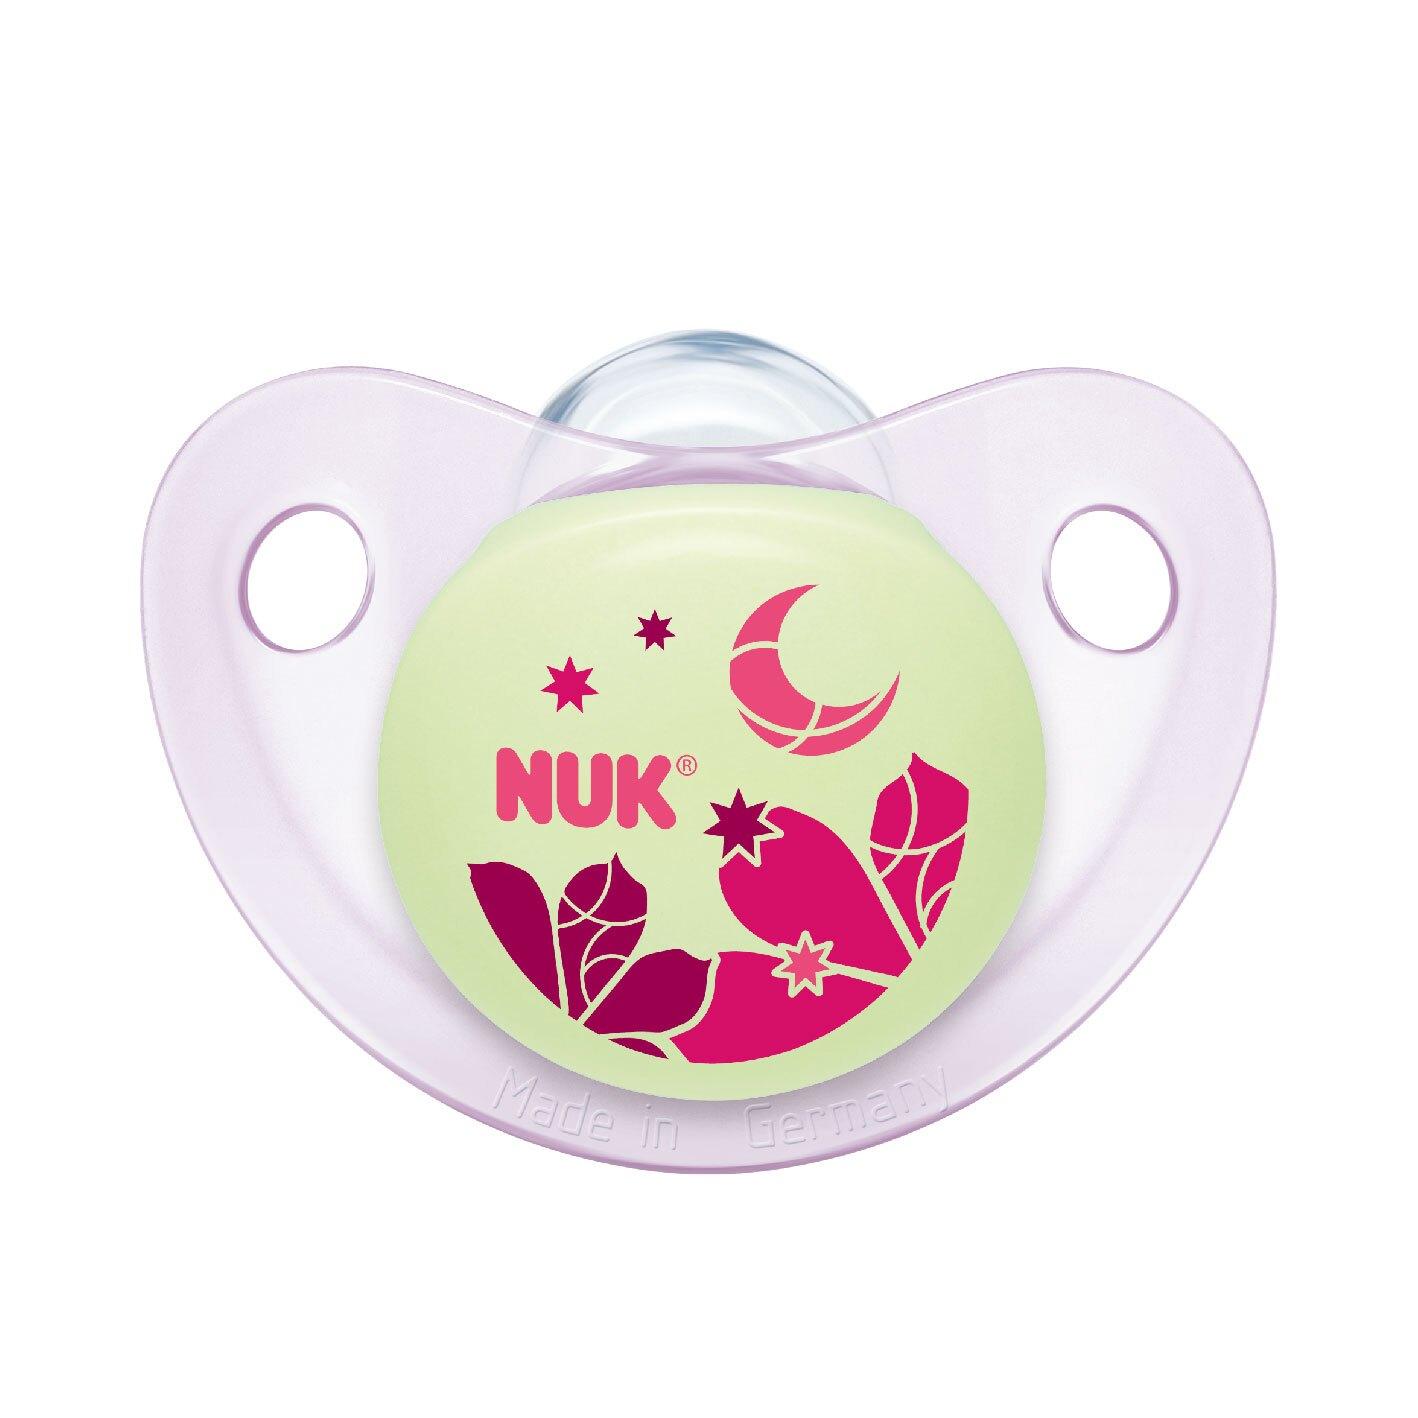 【紫貝殼】德國 NUK 夜光型矽膠安撫奶嘴 2入組